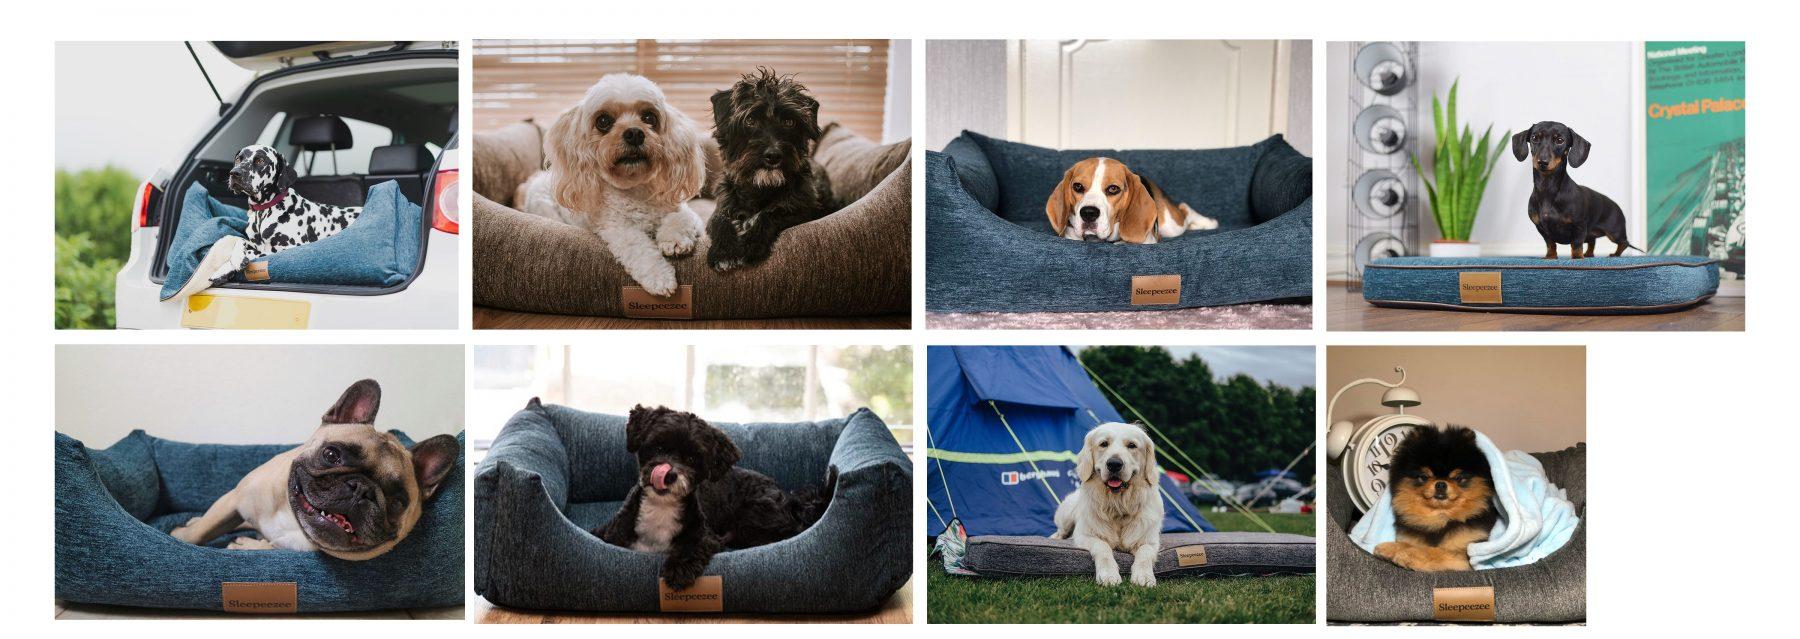 Dog Bed Influencers